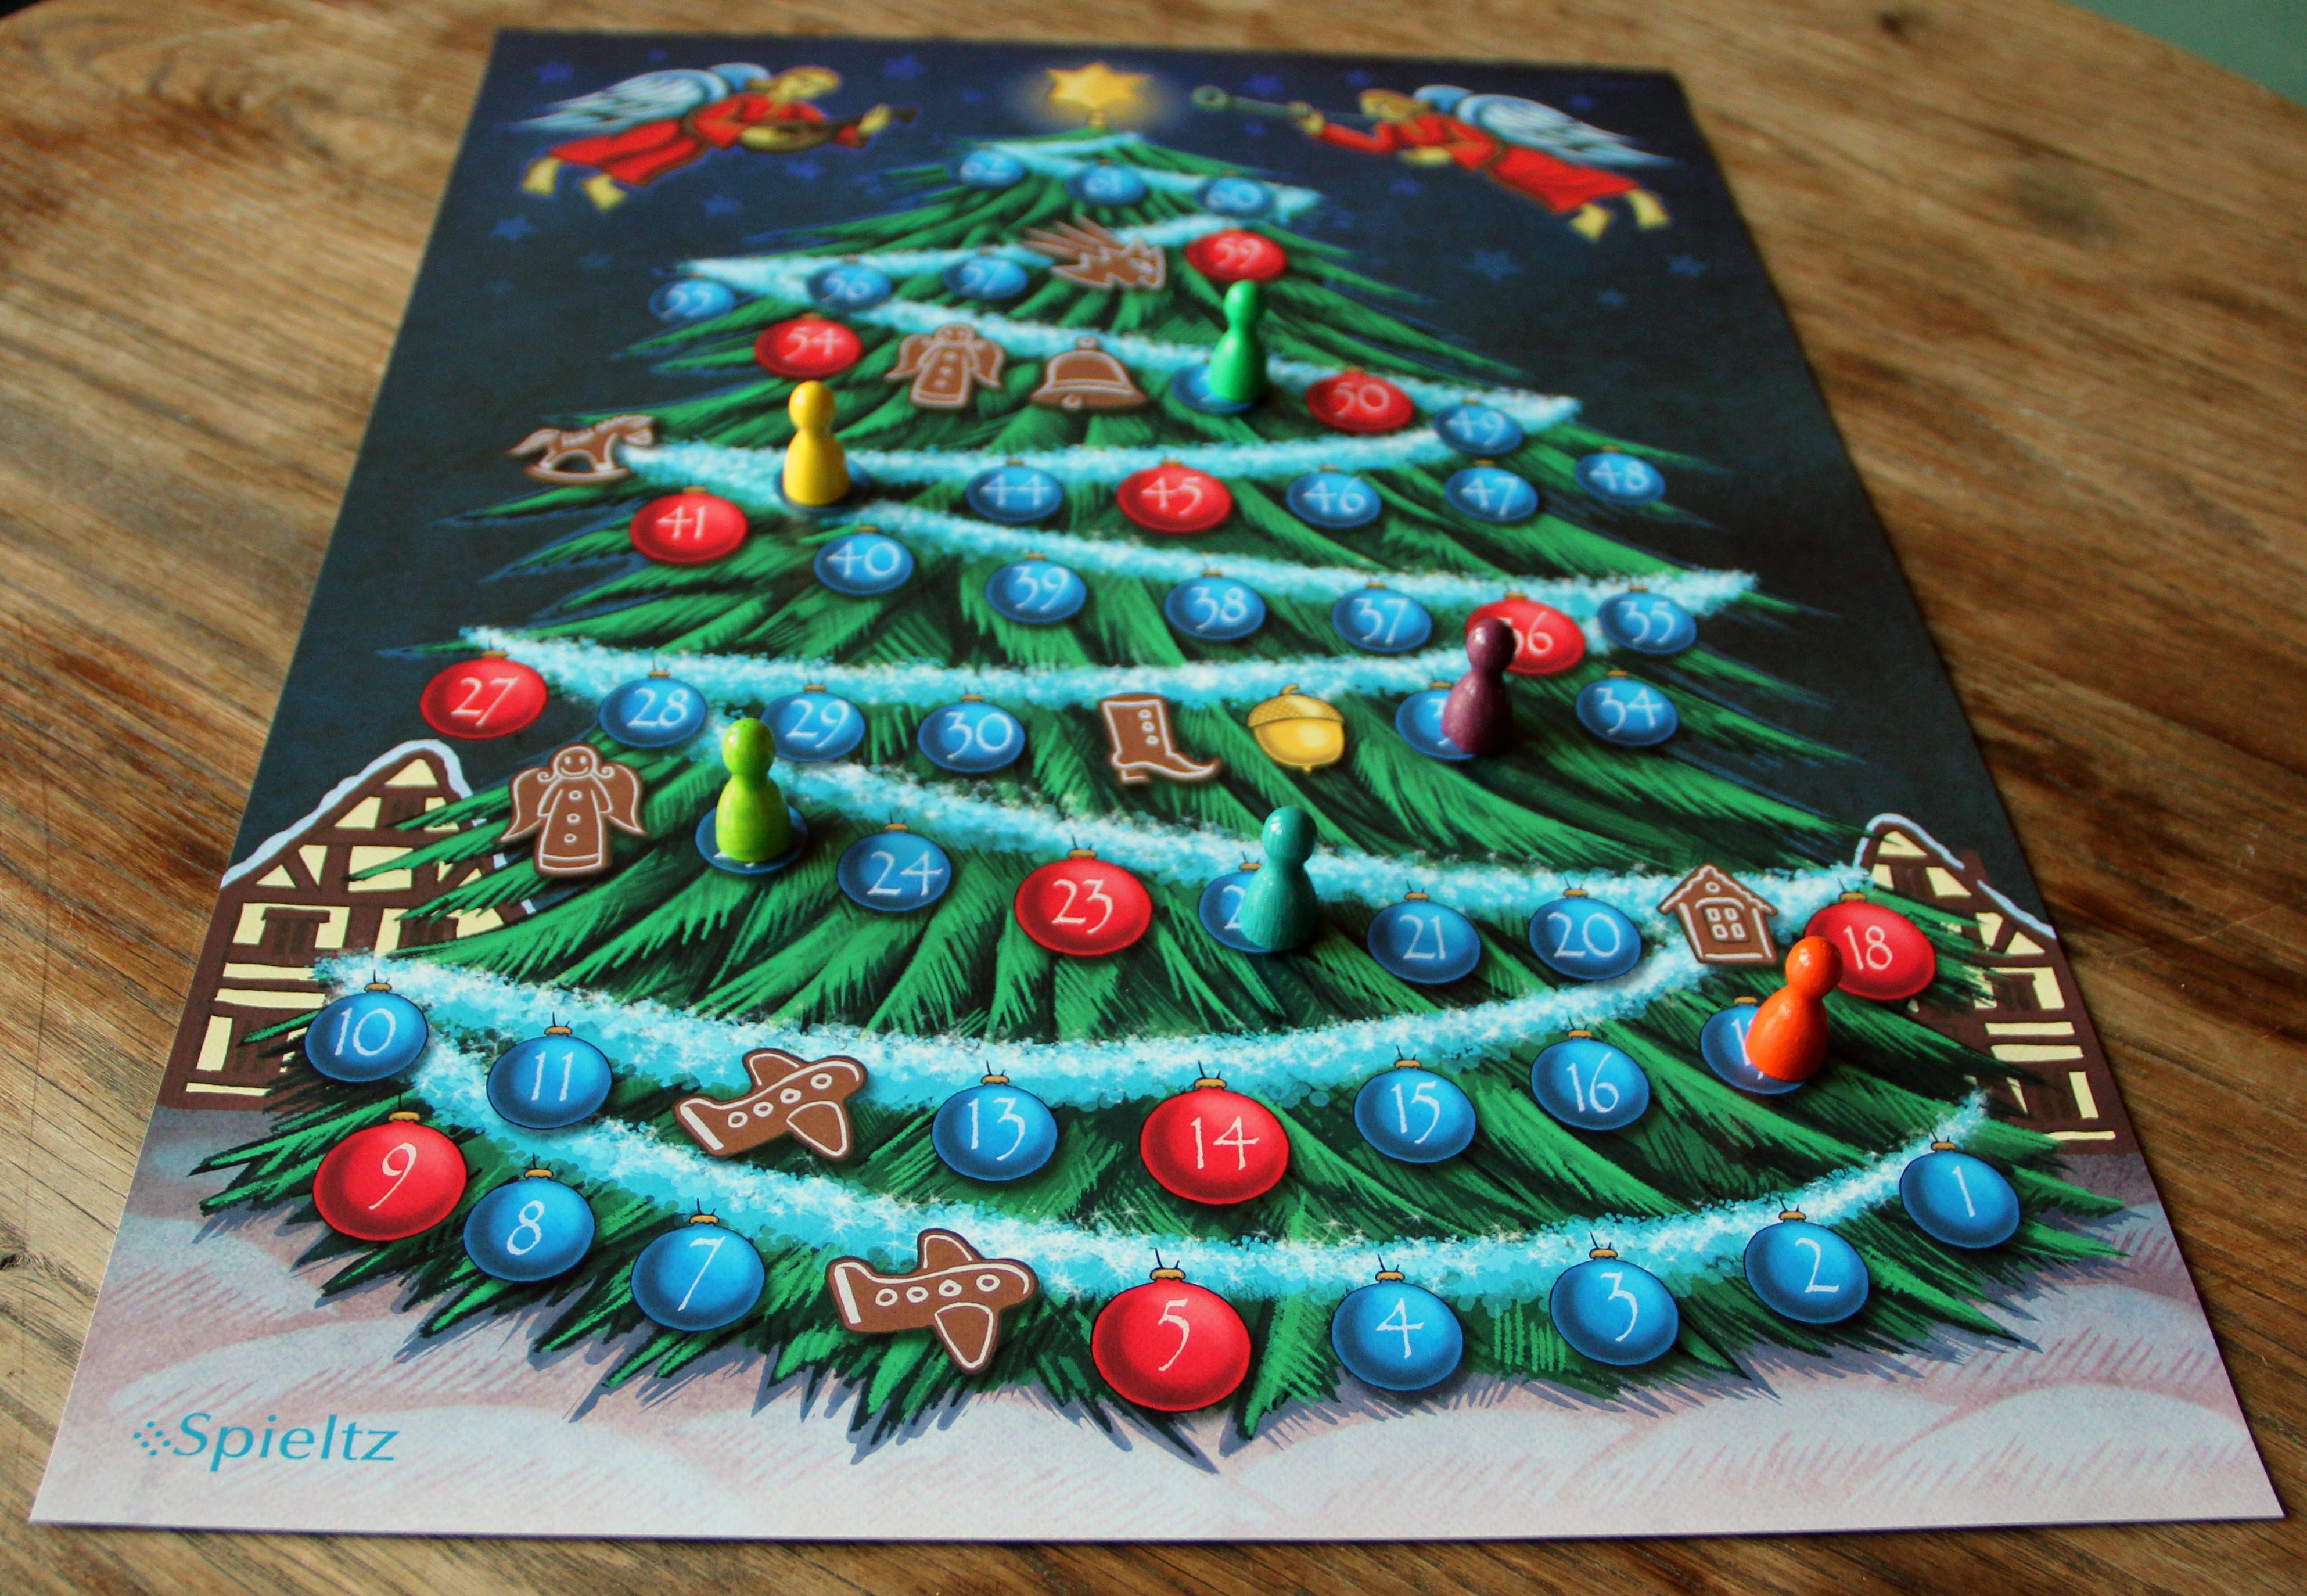 weihnachts-brettspiel-spieltz-o-tannenbaum-IMG_2193